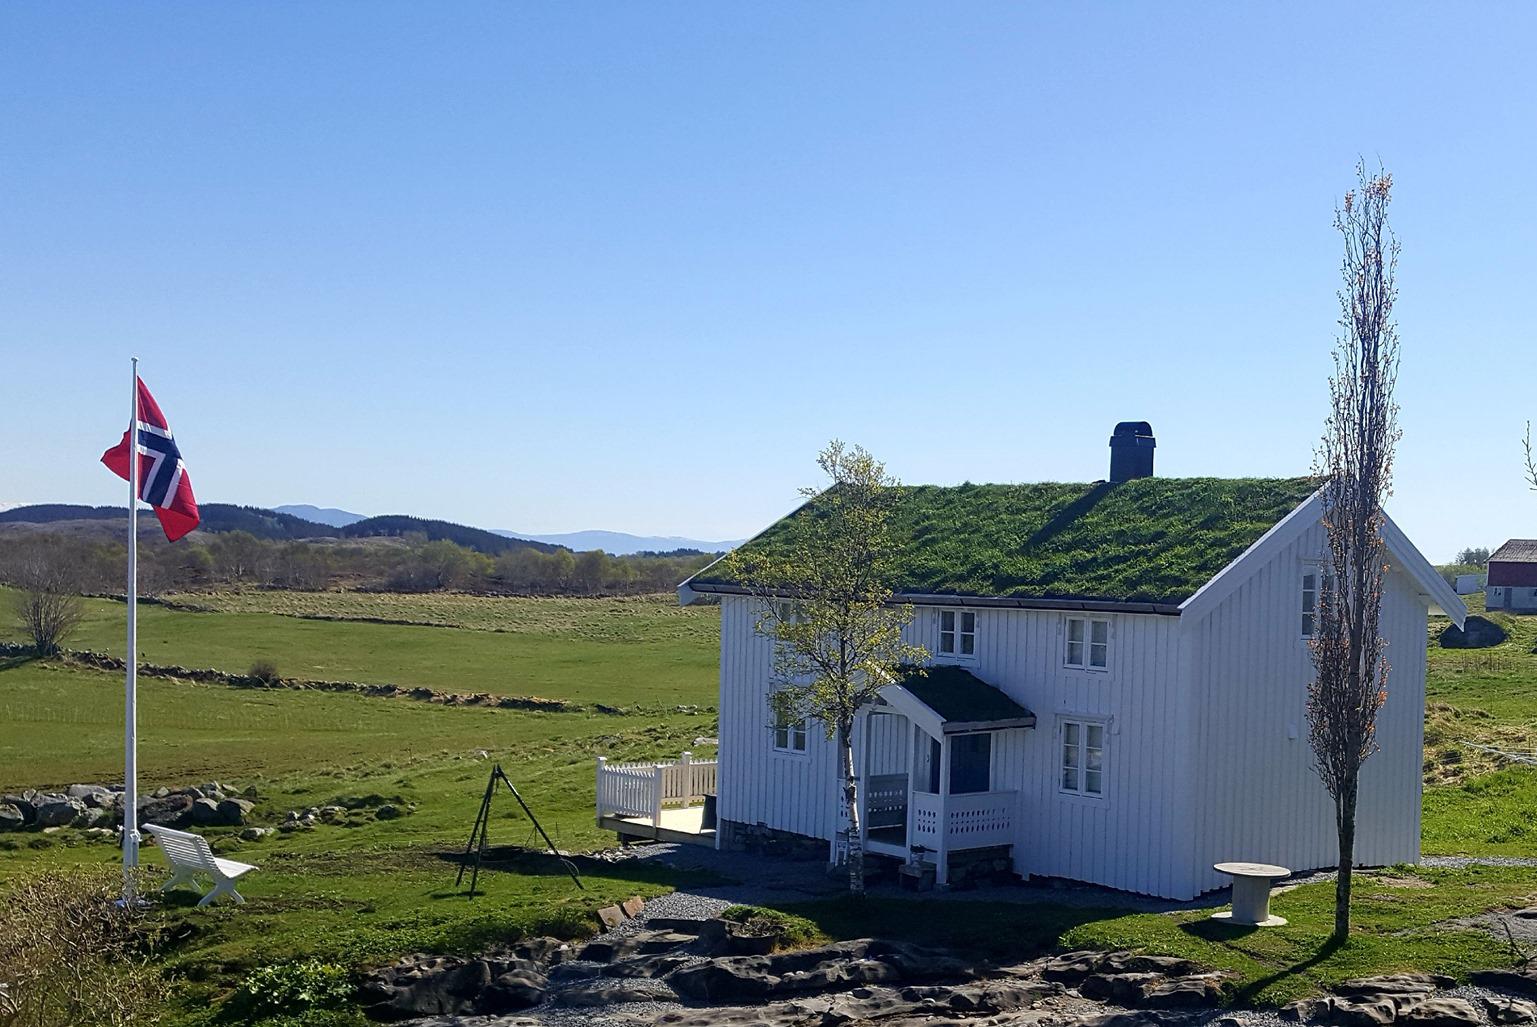 Gammalhuset på Neshåjen - Nes